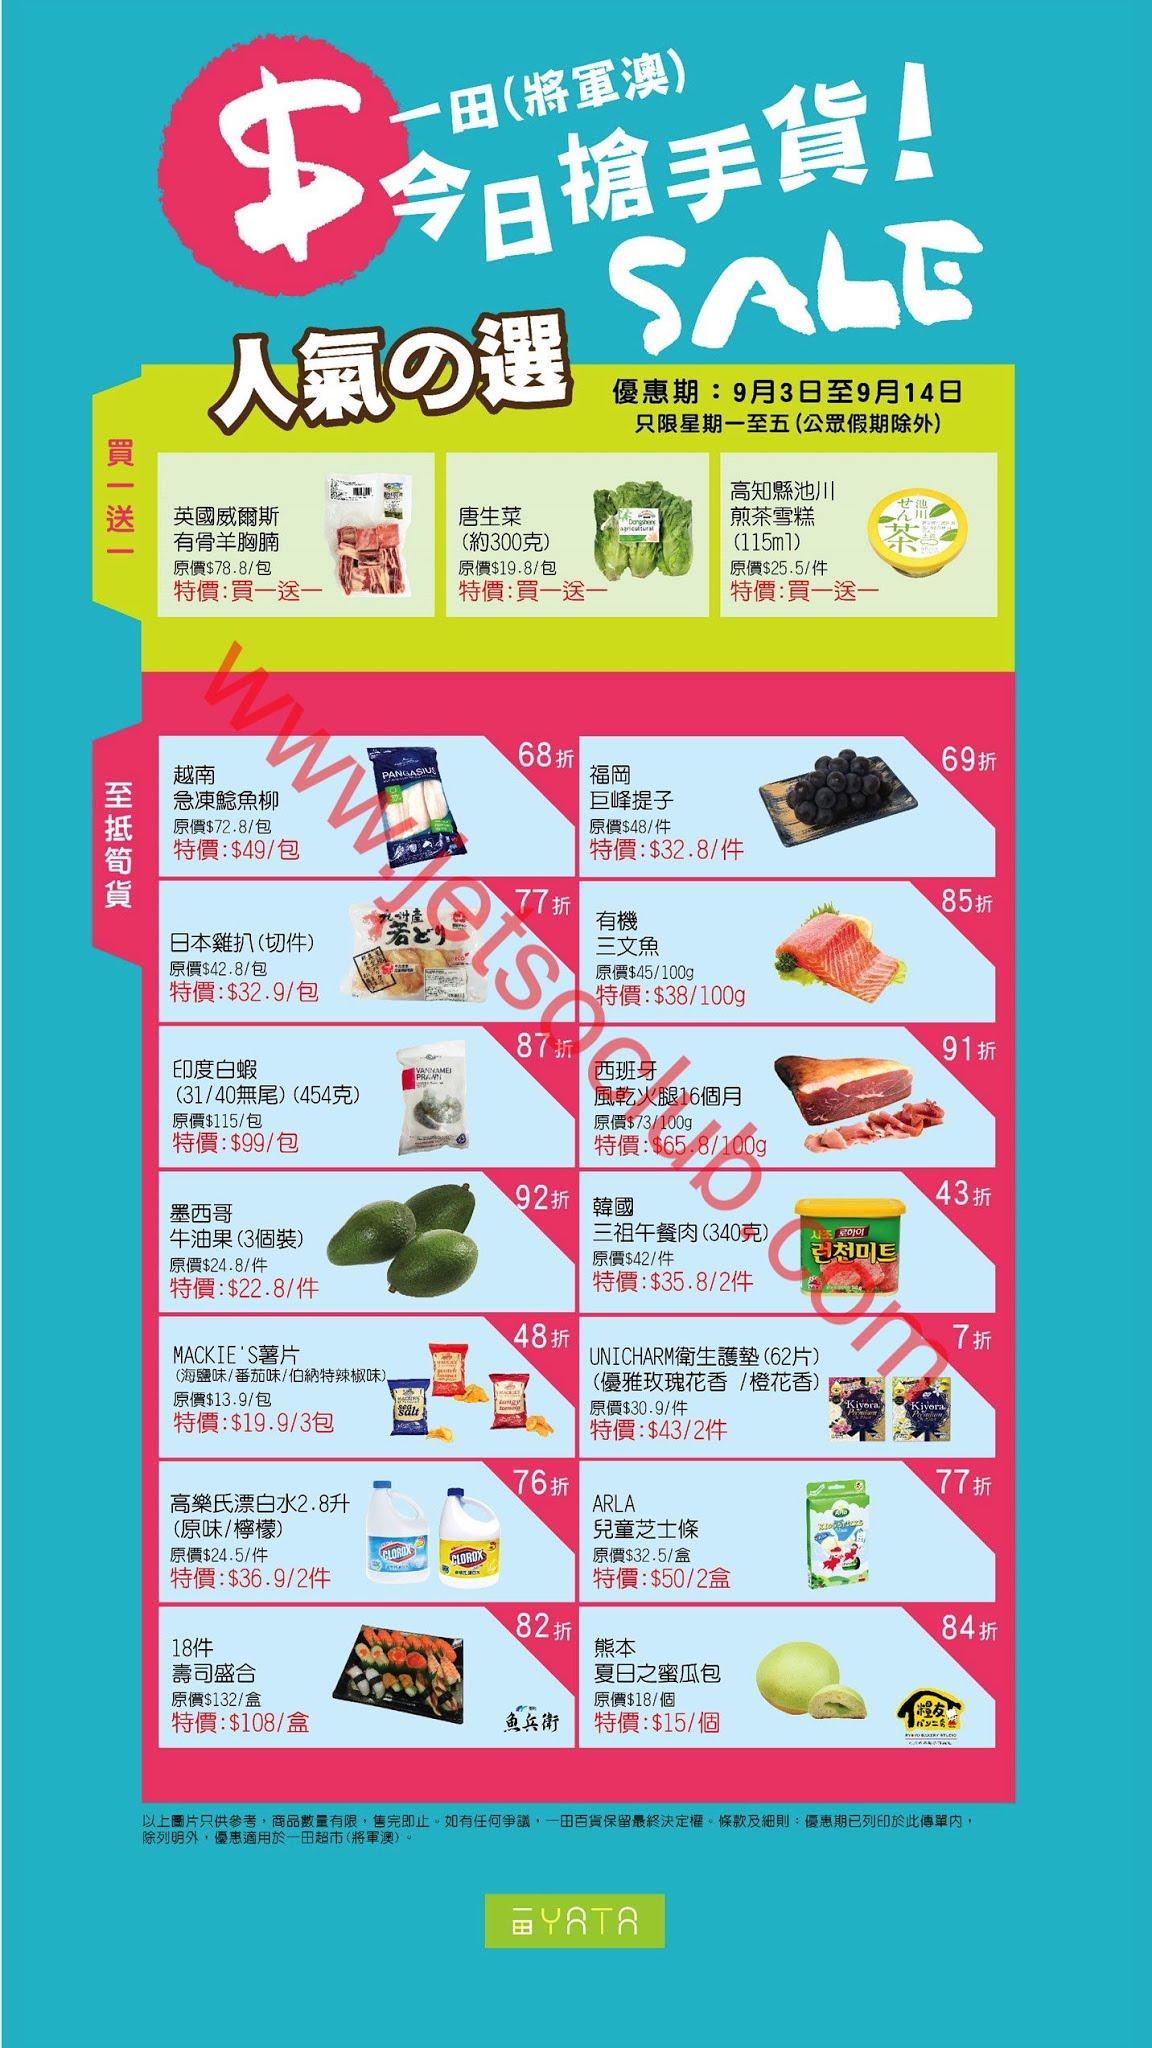 一田超市:荃灣/將軍澳店 今日搶手貨(至14/9) ( Jetso Club 著數俱樂部 )